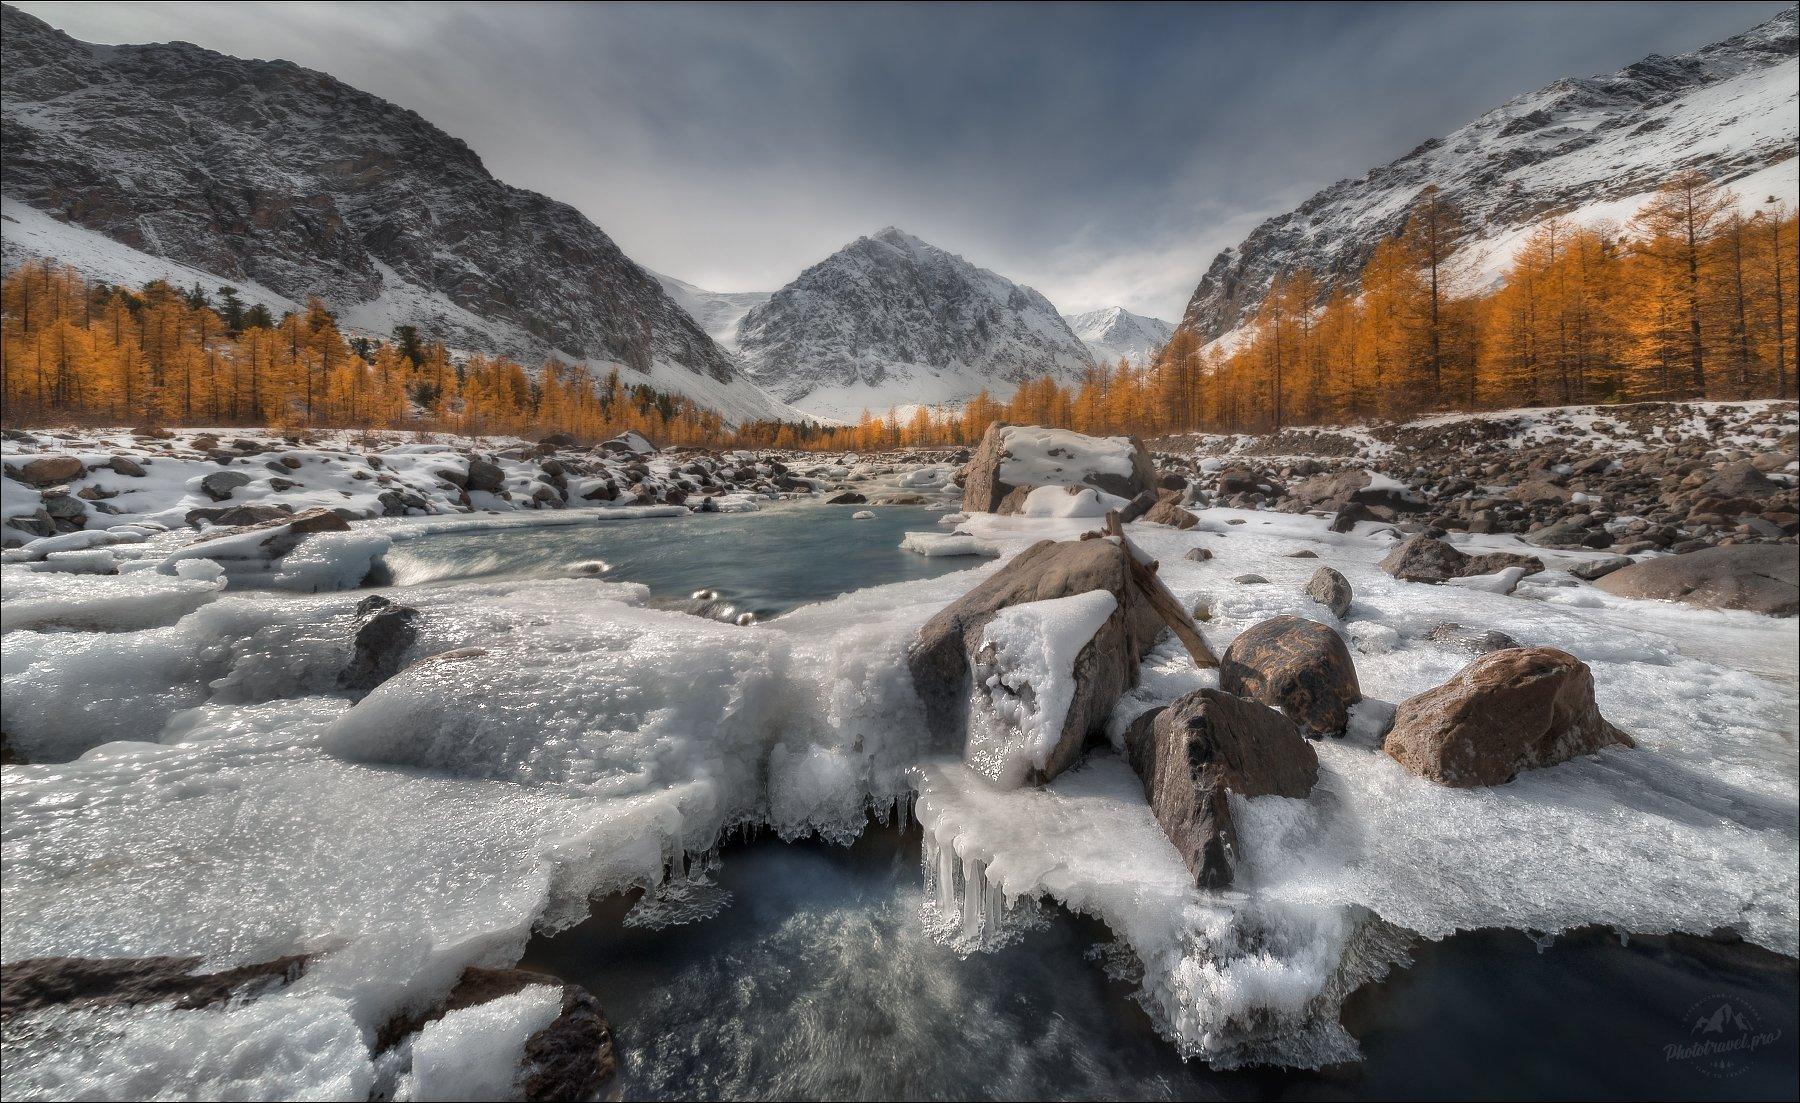 актры, алтай, осень, кара-таш, фототур на алтай, Влад Соколовский